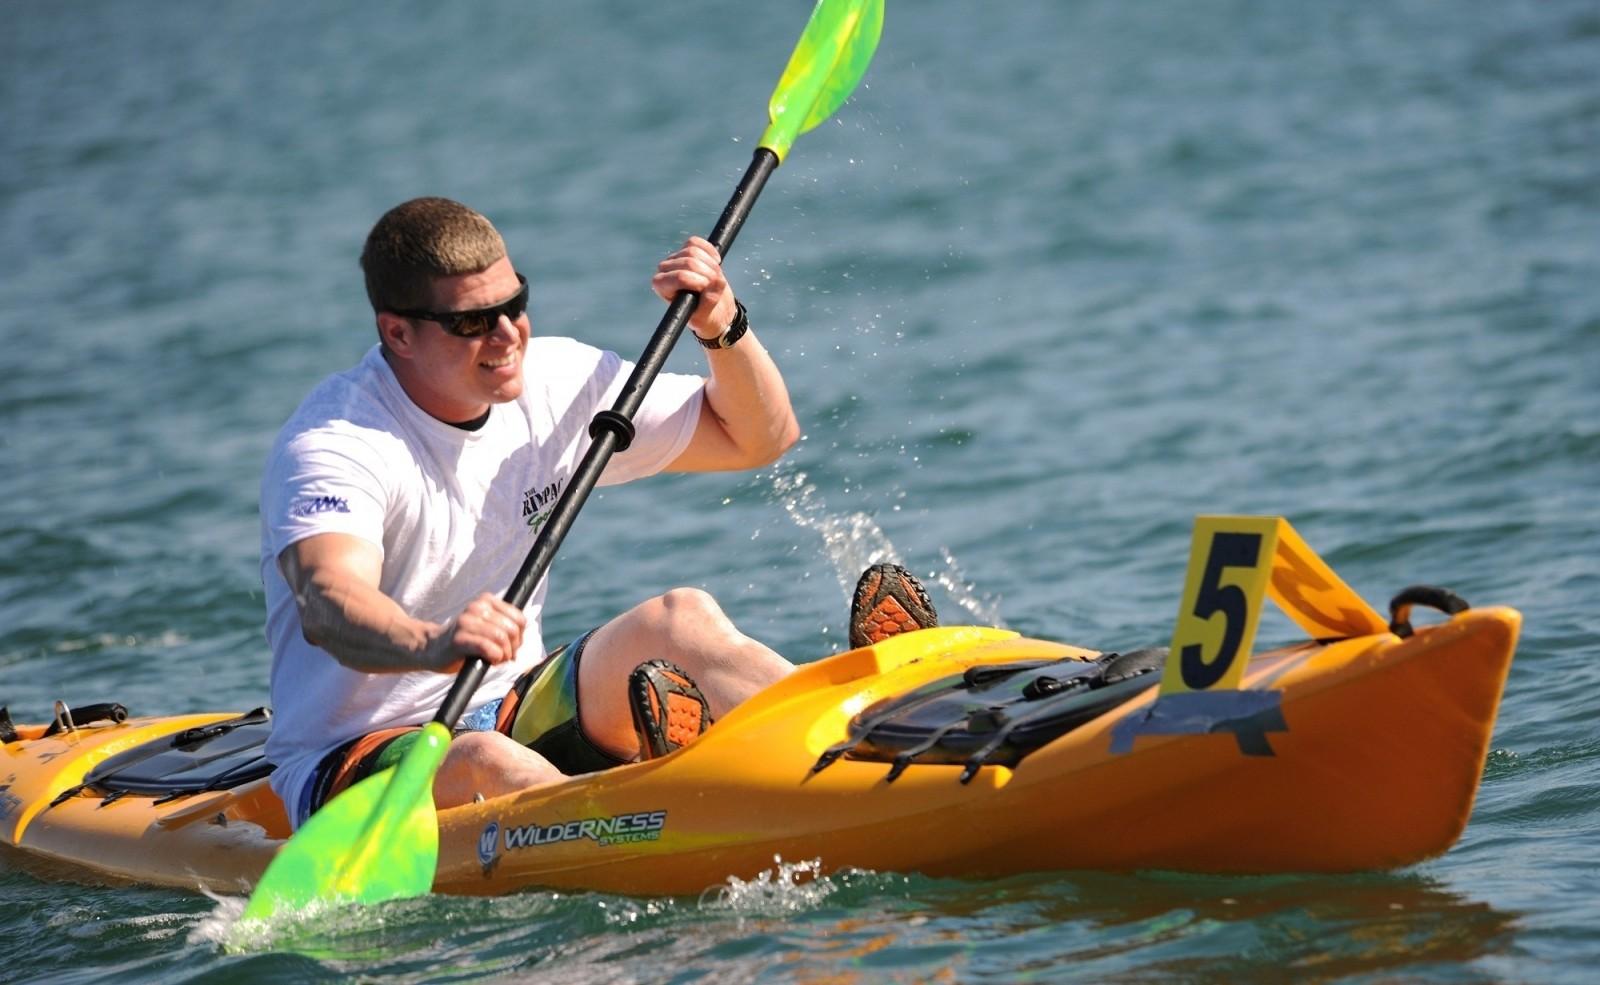 kayaking-kayaker-kayak-water-sports-water-sport